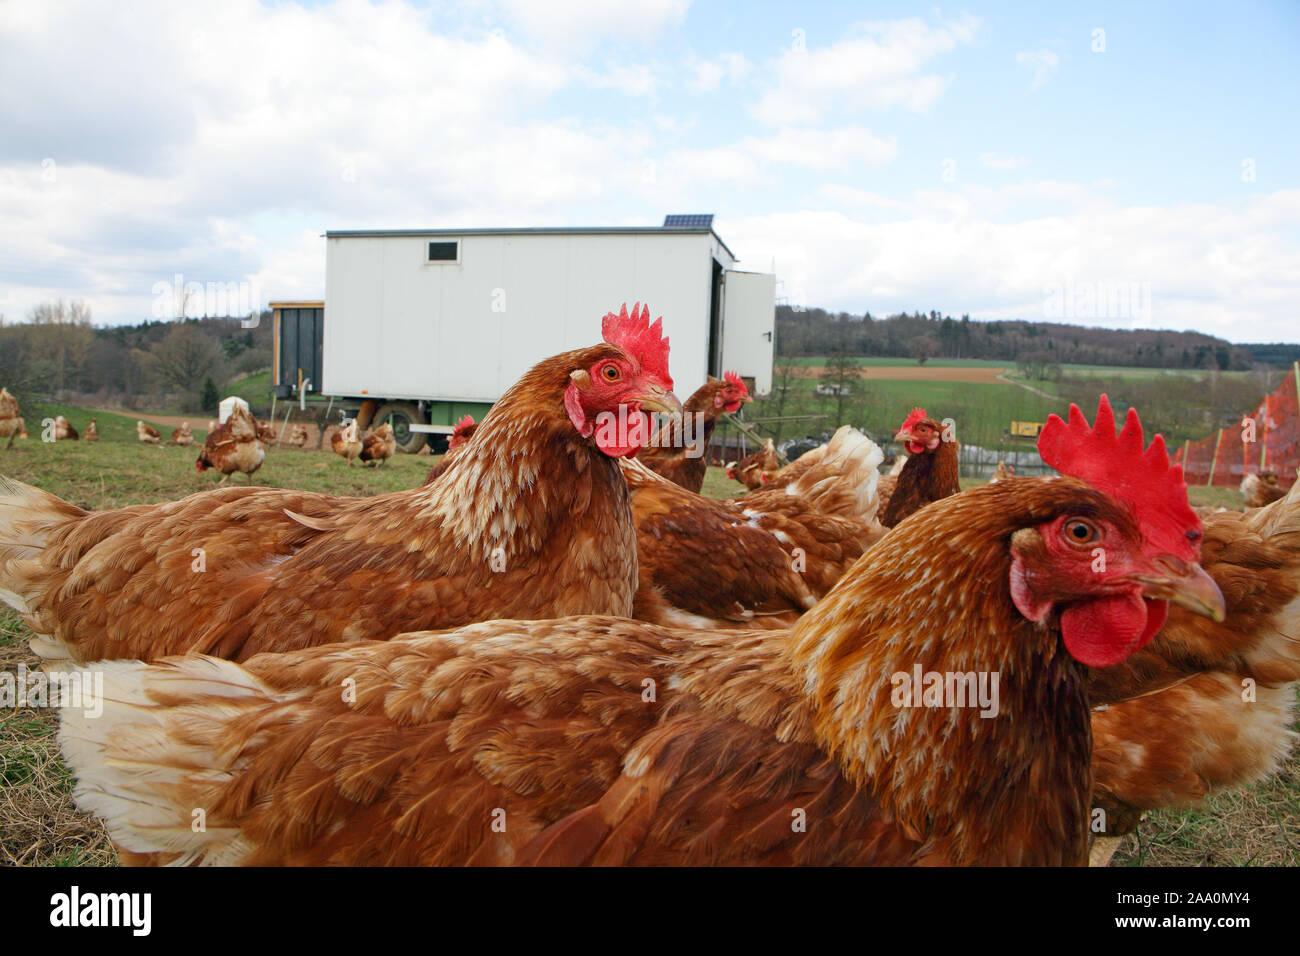 Hühner in Freilandhaltung mit Auslauf auf einer Wiese. Im Hintergrund steht ein mobiles Hühnerhaus. Stock Photo